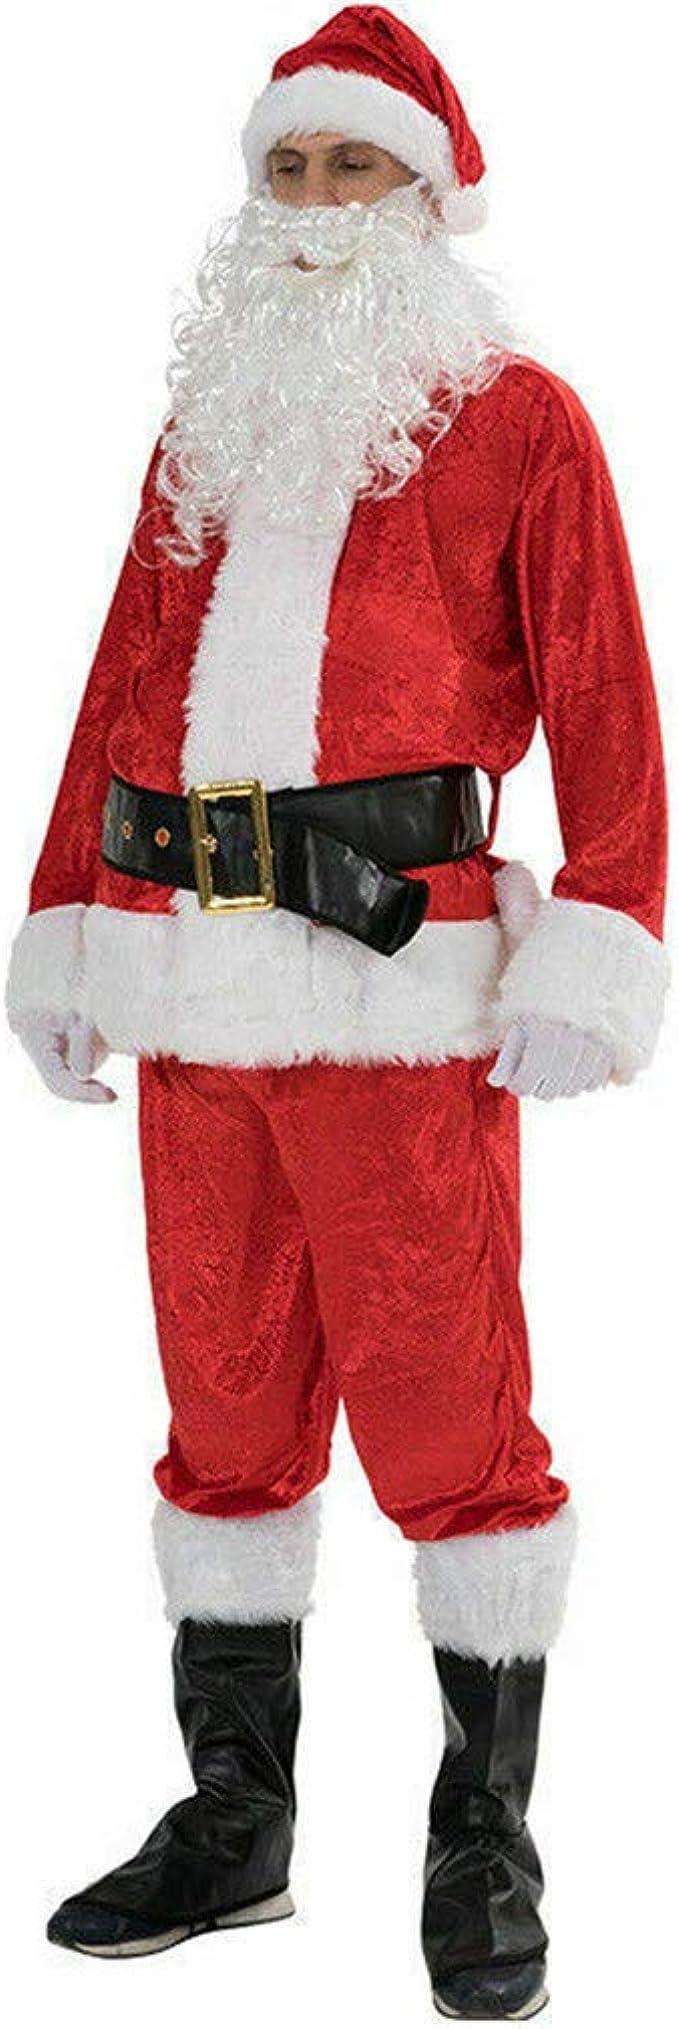 Babbo NATALE costume Babbo Natale-Cappotto da PELUCHE